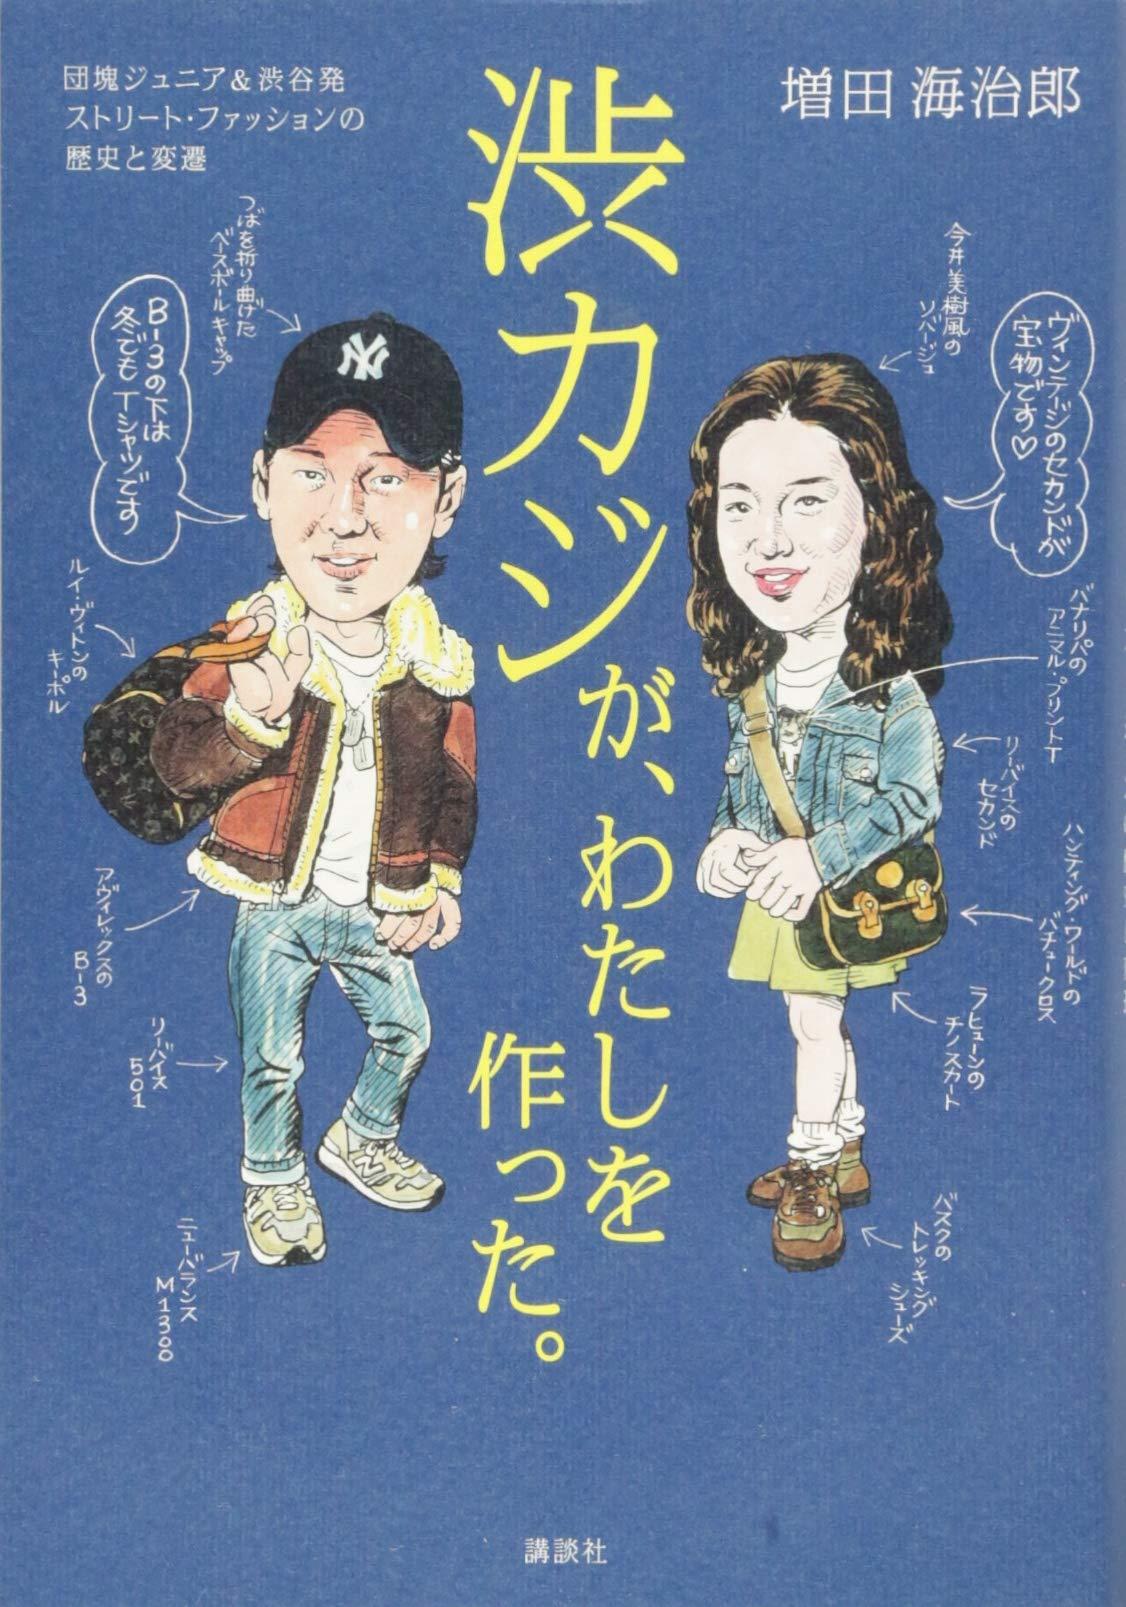 増田海治郎(2017)『渋カジが、わたしを作った。』講談社